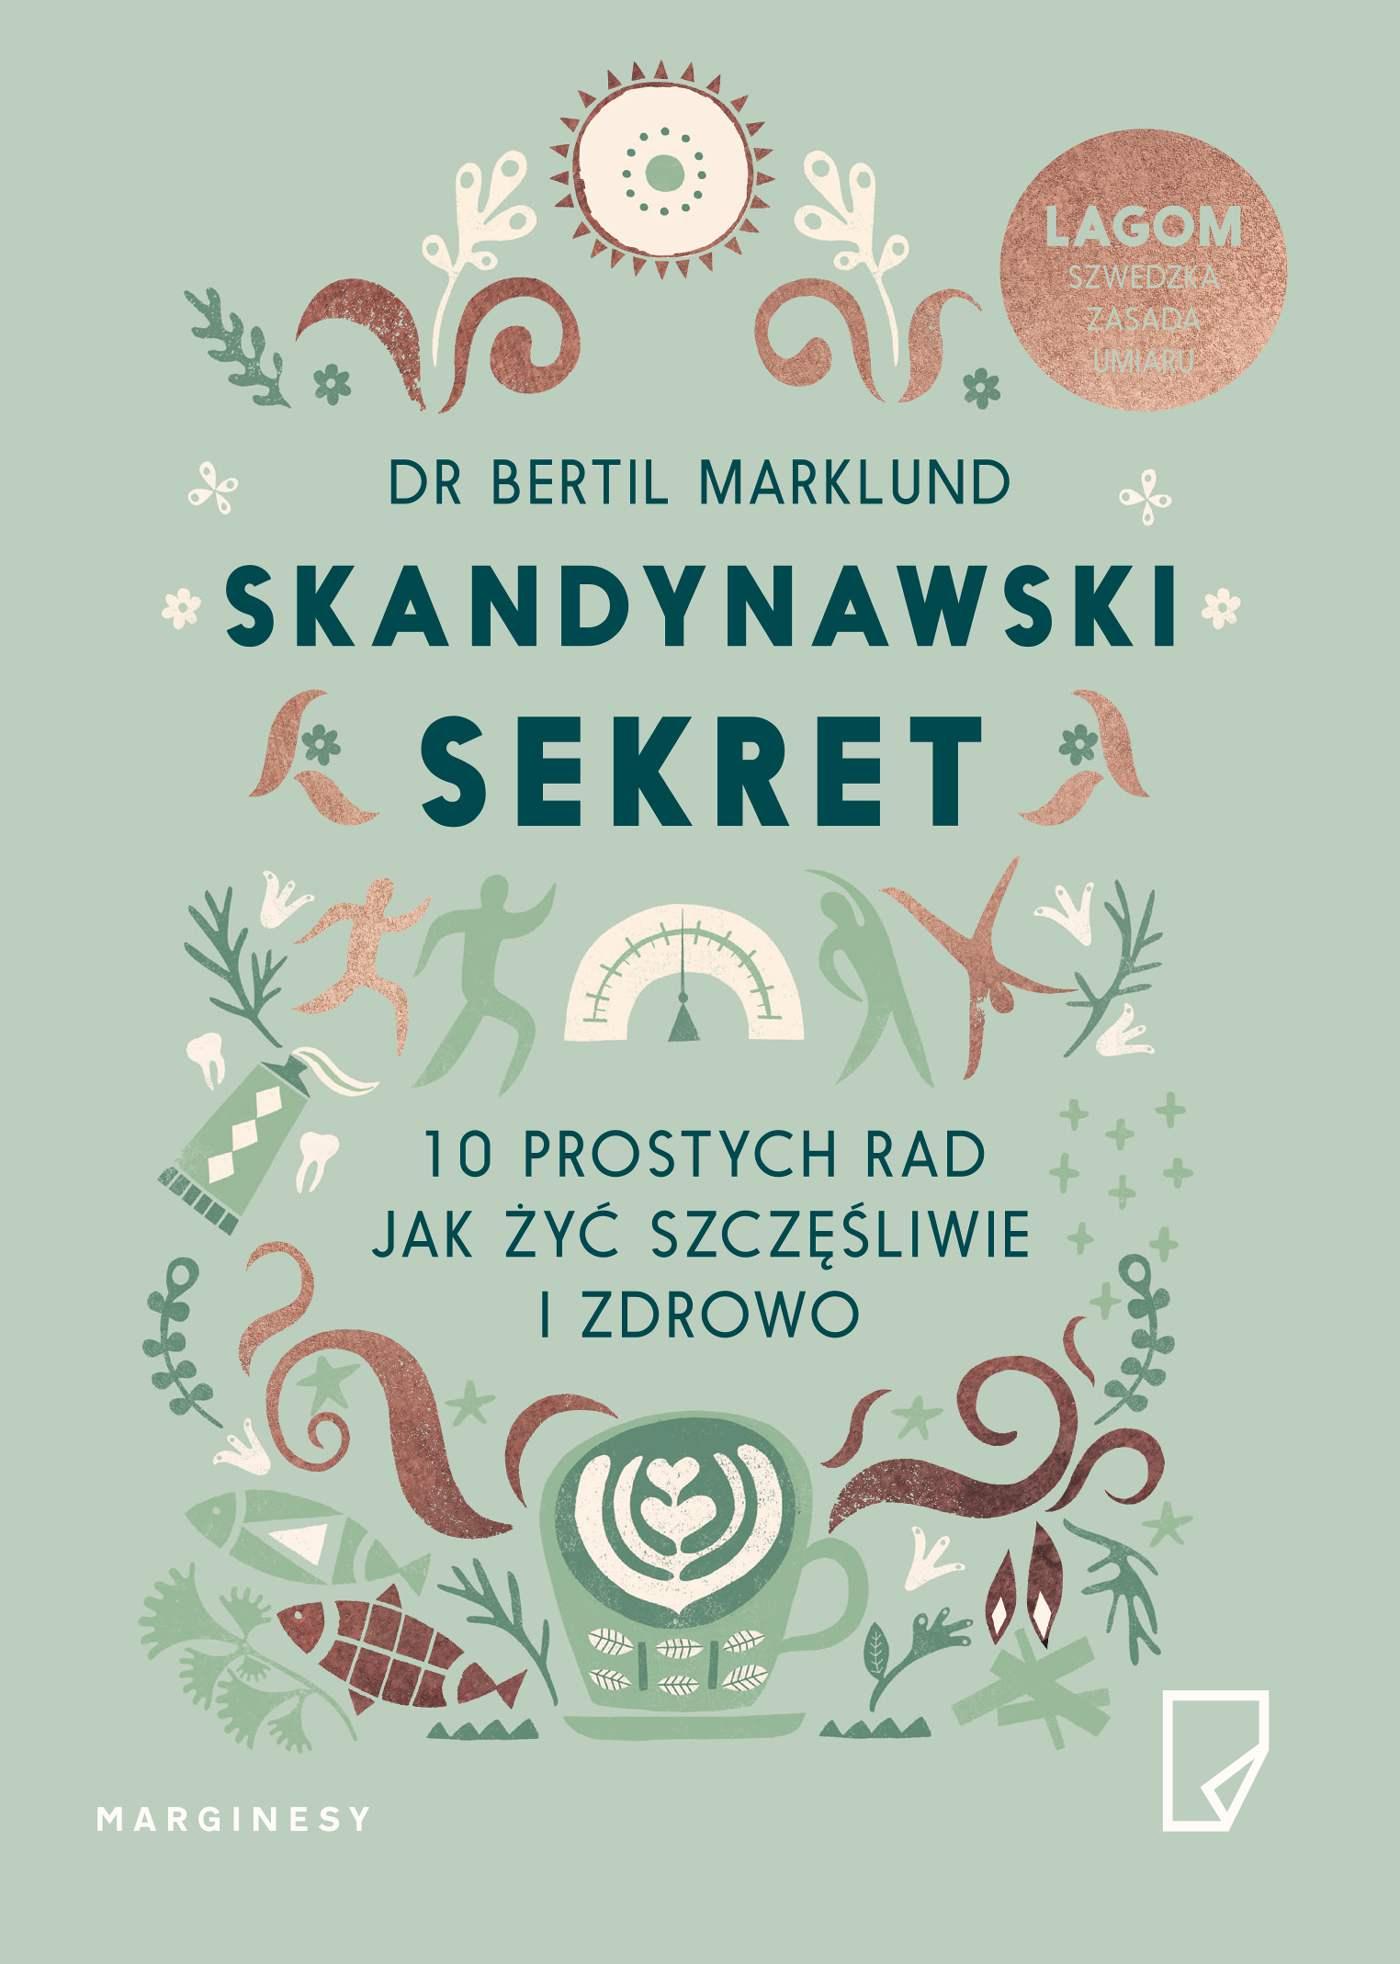 Skandynawski sekret. 10 prostych rad, jak żyć szczęśliwie i zdrowo - Ebook (Książka EPUB) do pobrania w formacie EPUB